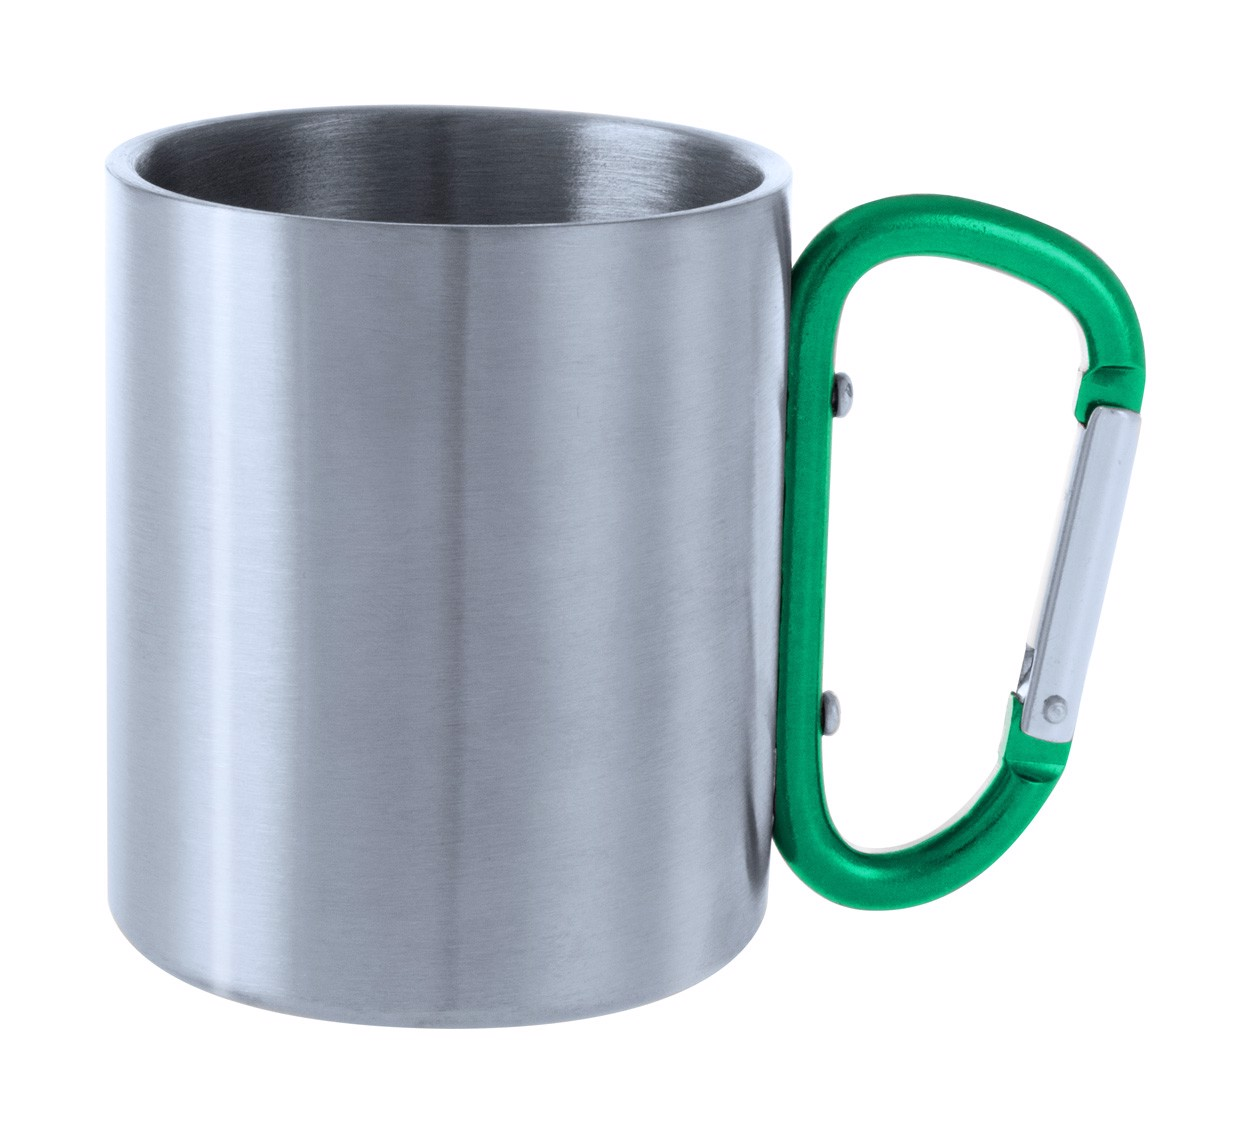 Cană Metalică Bastic - Verde / Argintiu